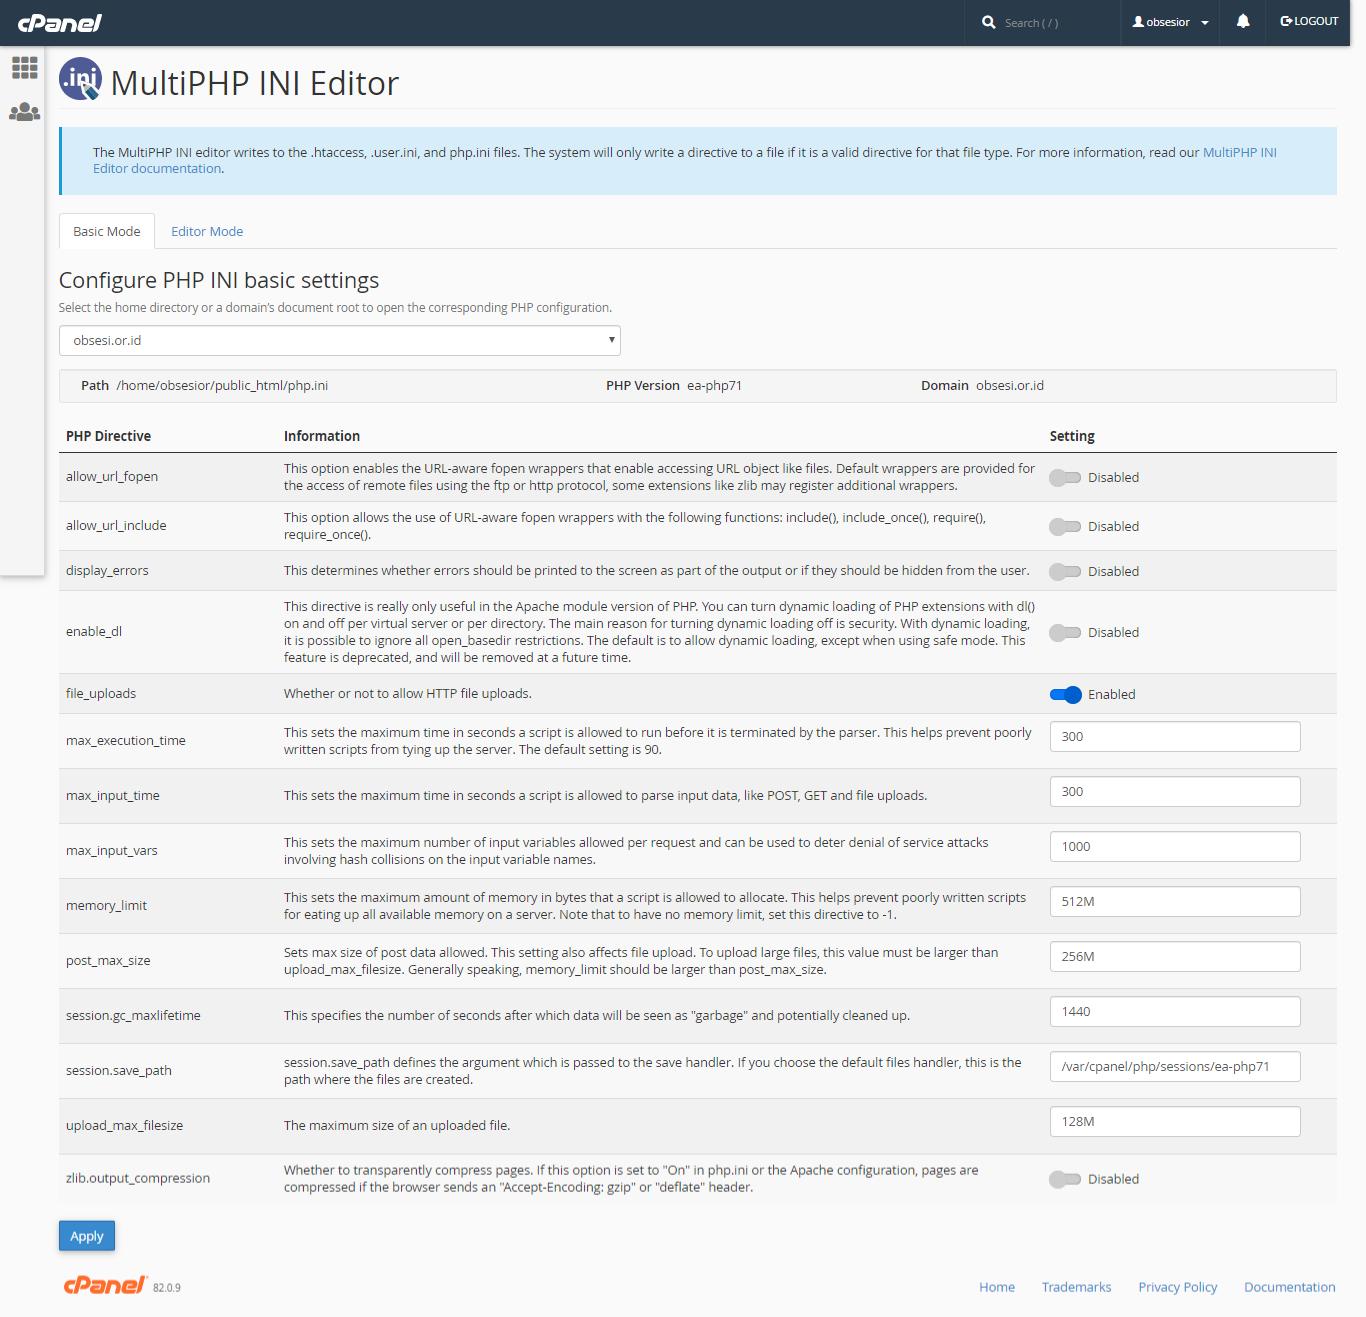 cara mengatasi error upload file pada ojs